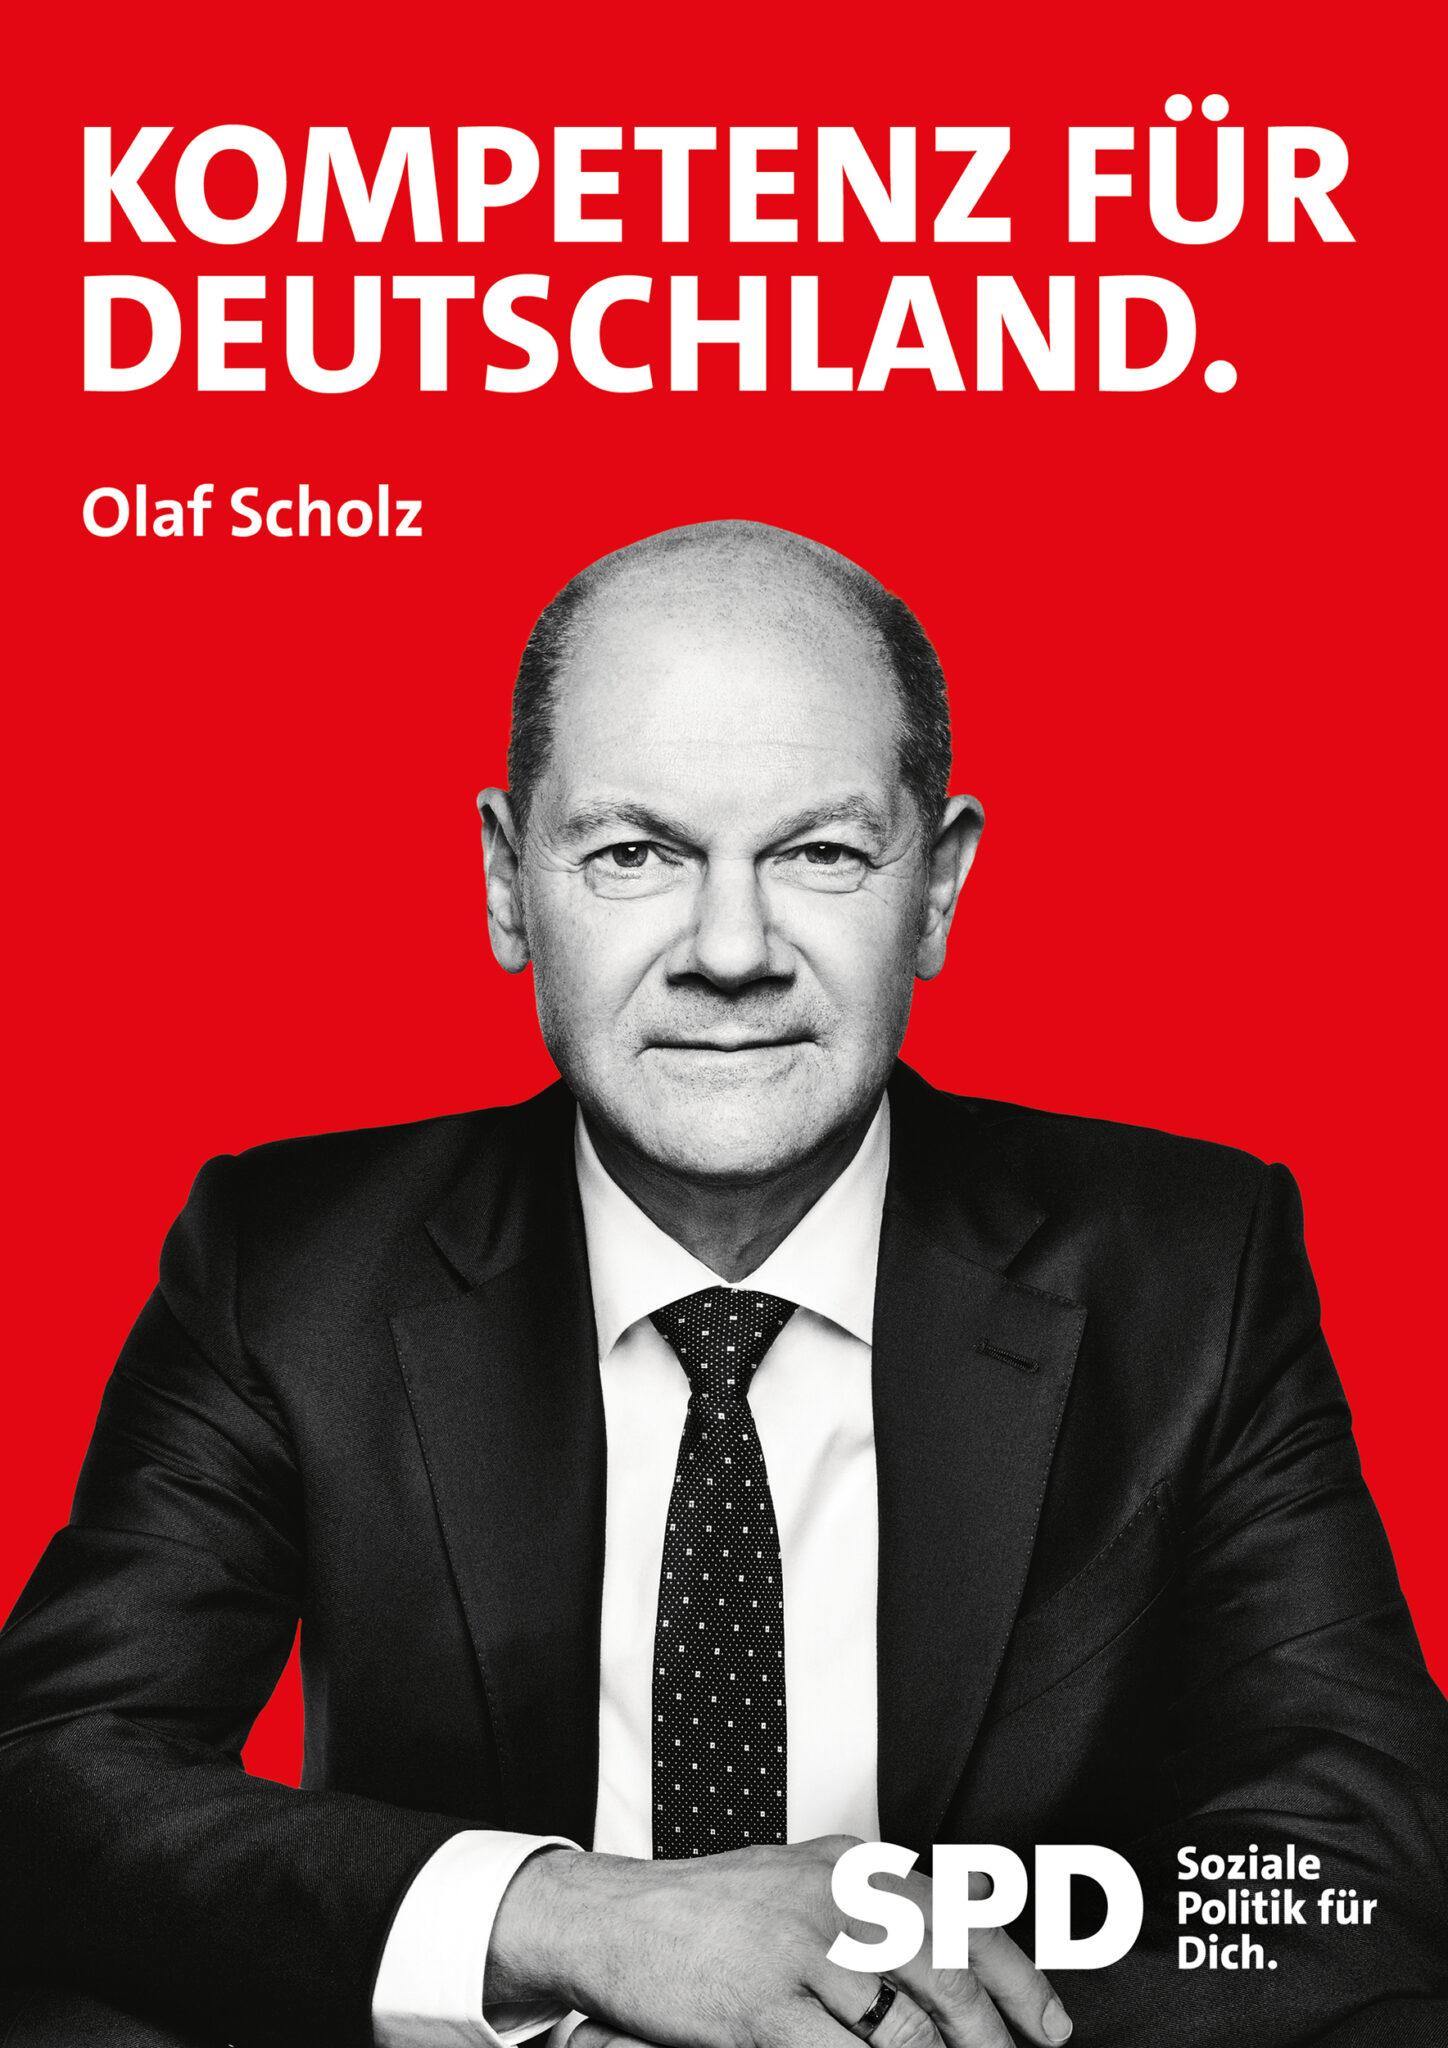 OlafScholz_Plakat_Kompetenz